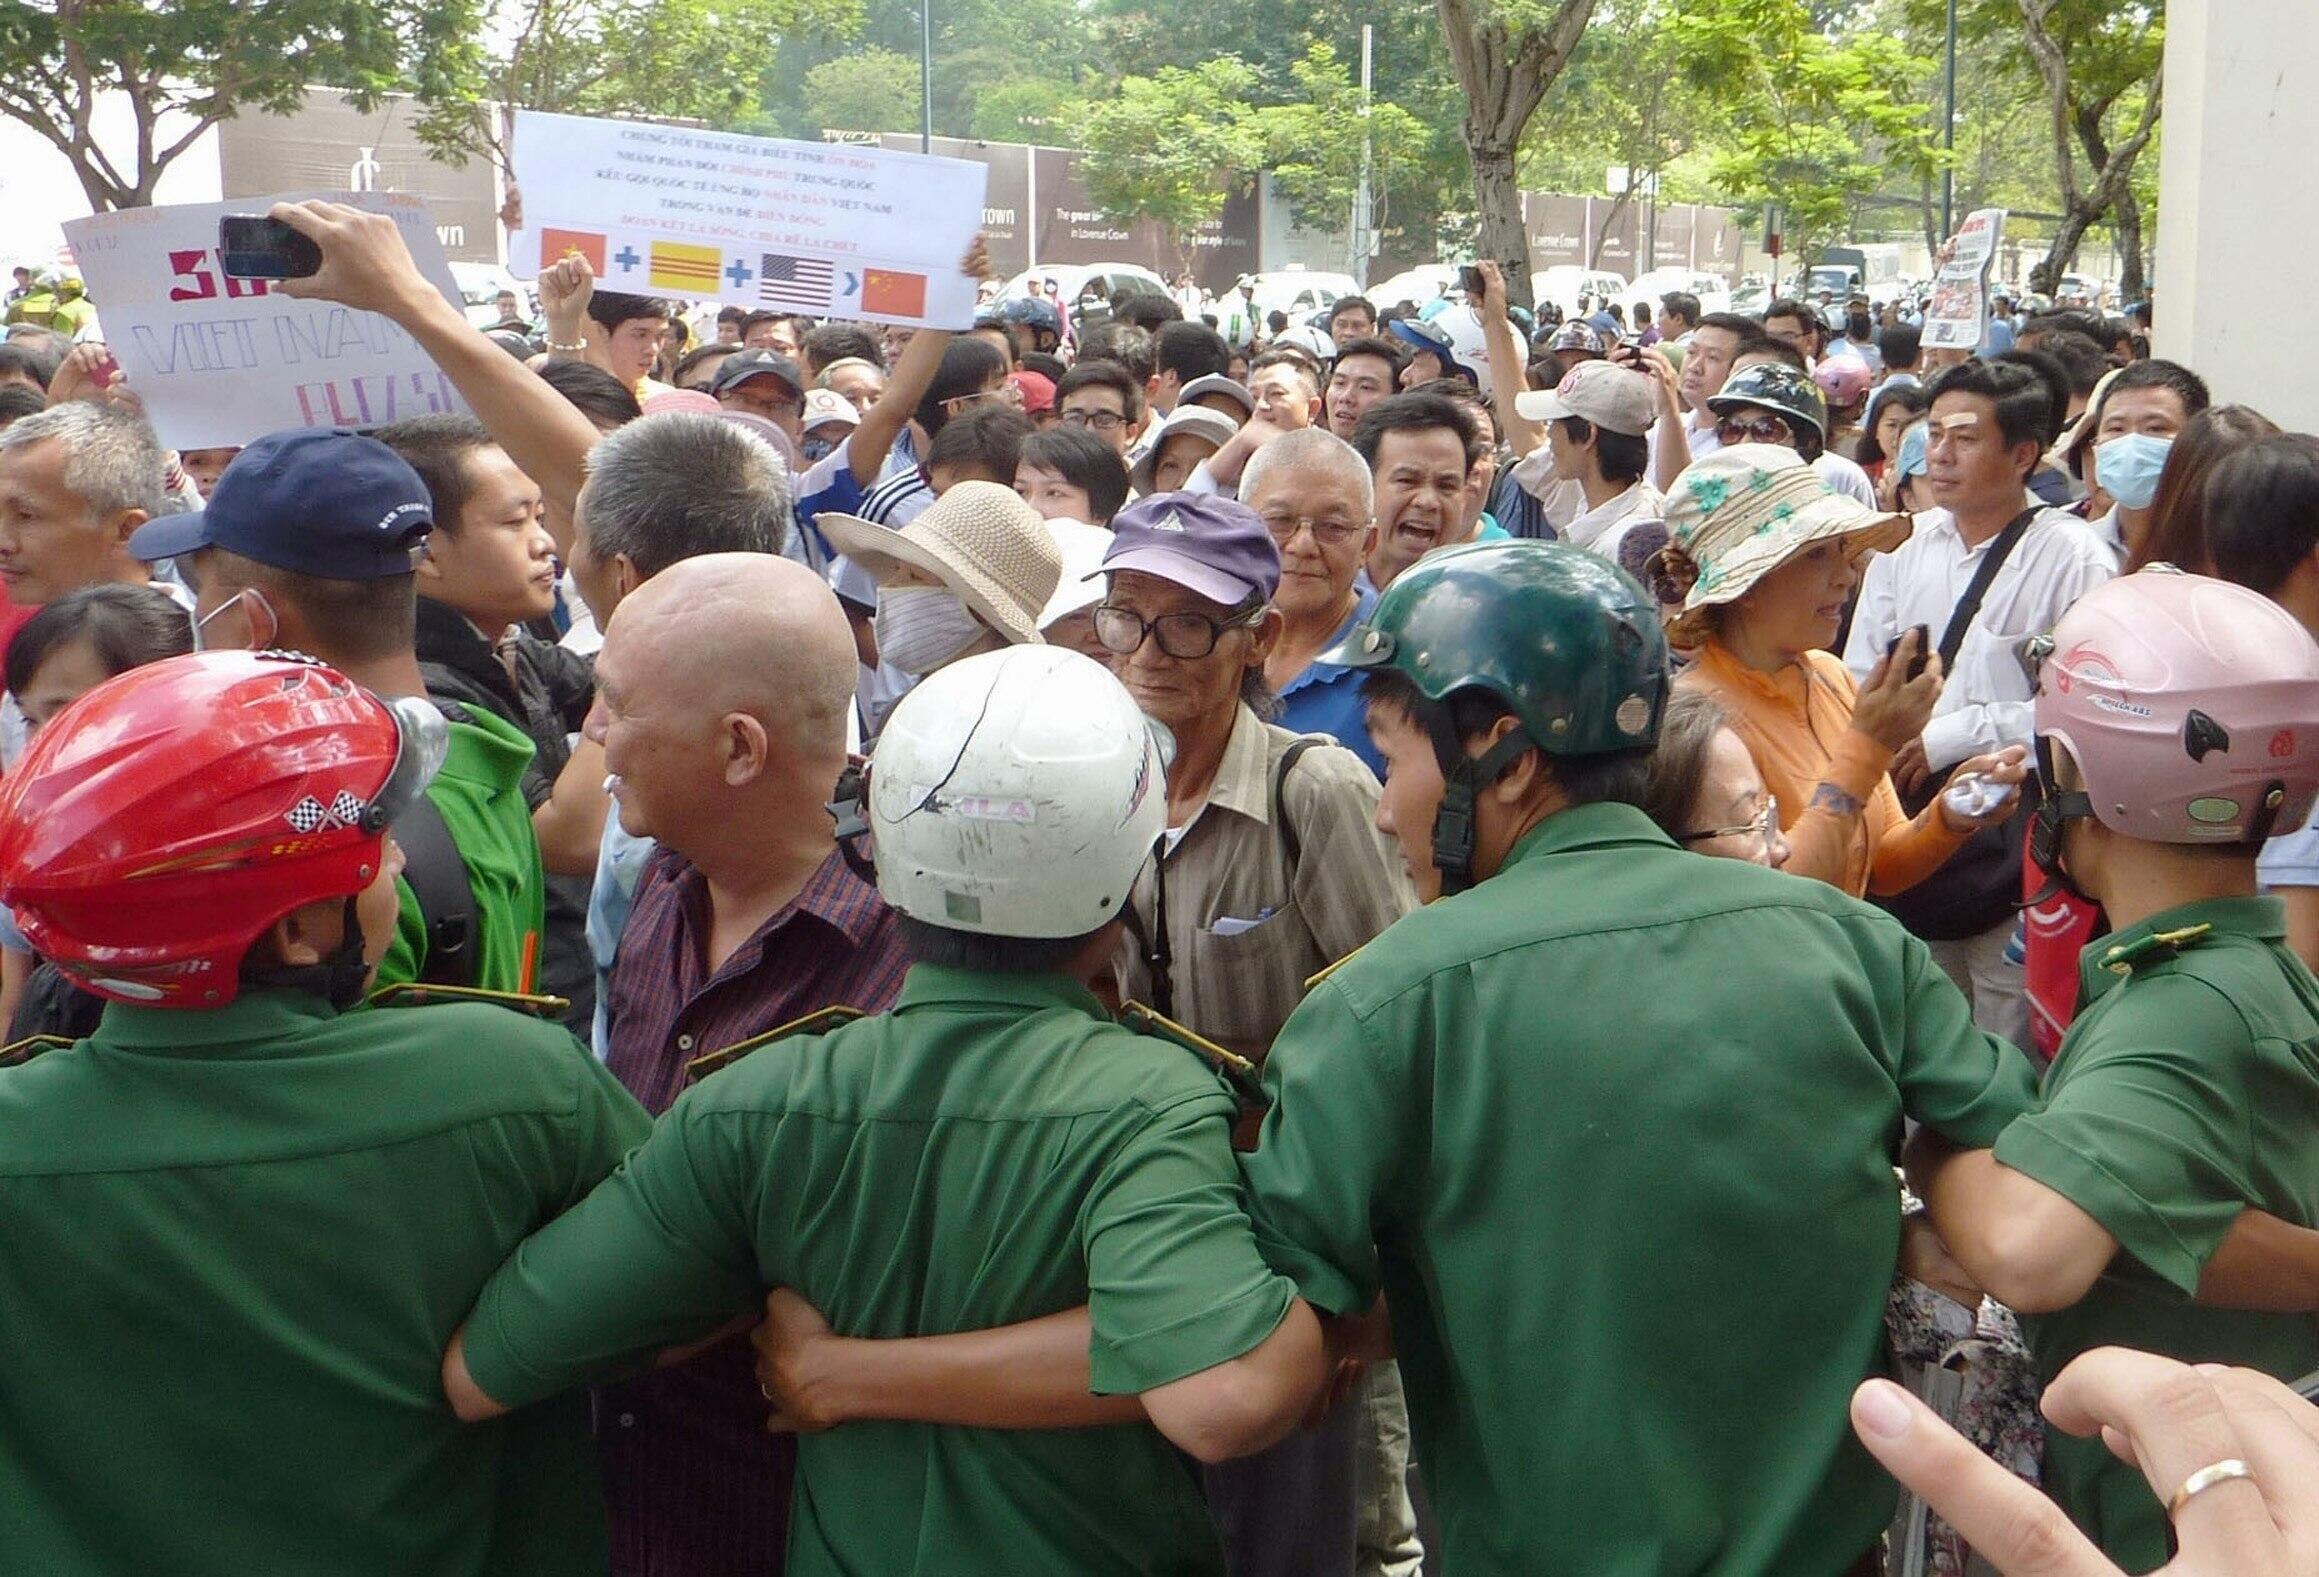 Một cảnh  biểu tình chống Trung Quốc tại TP Hồ Chí Minh ngày 18/05/2014